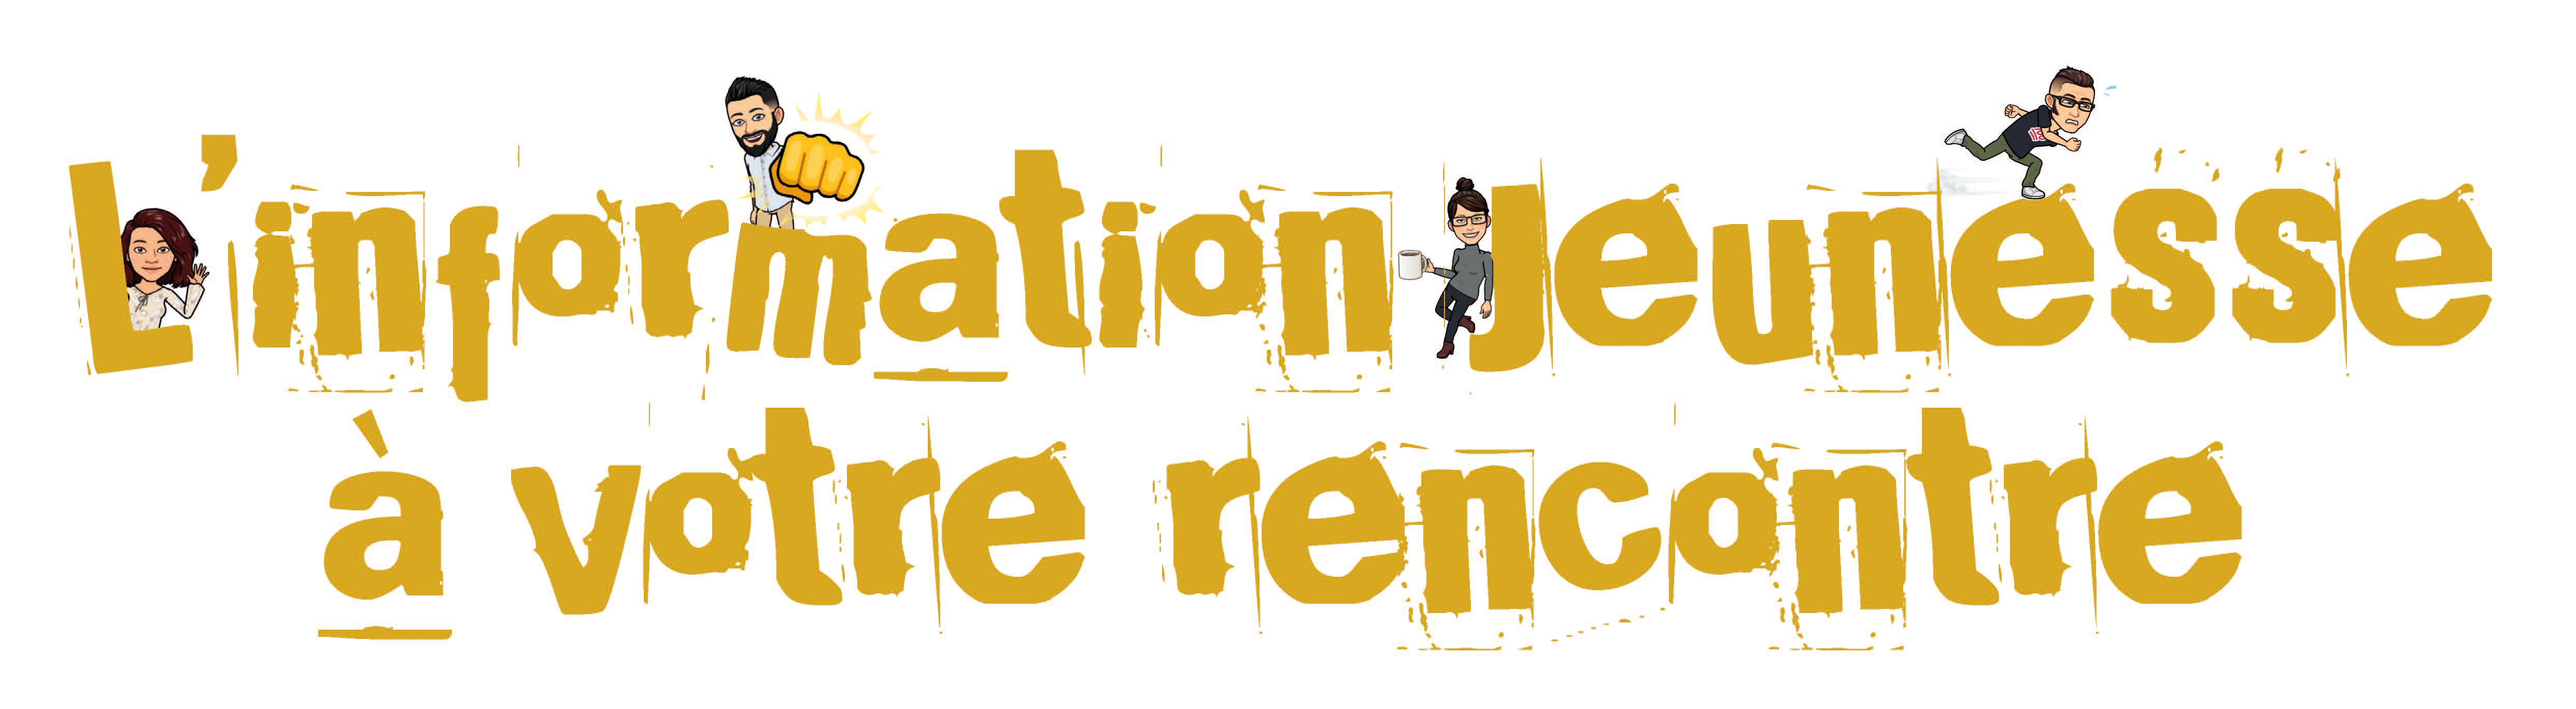 L'INFORMATION JEUNESSE A VOTRE RENCONTRE